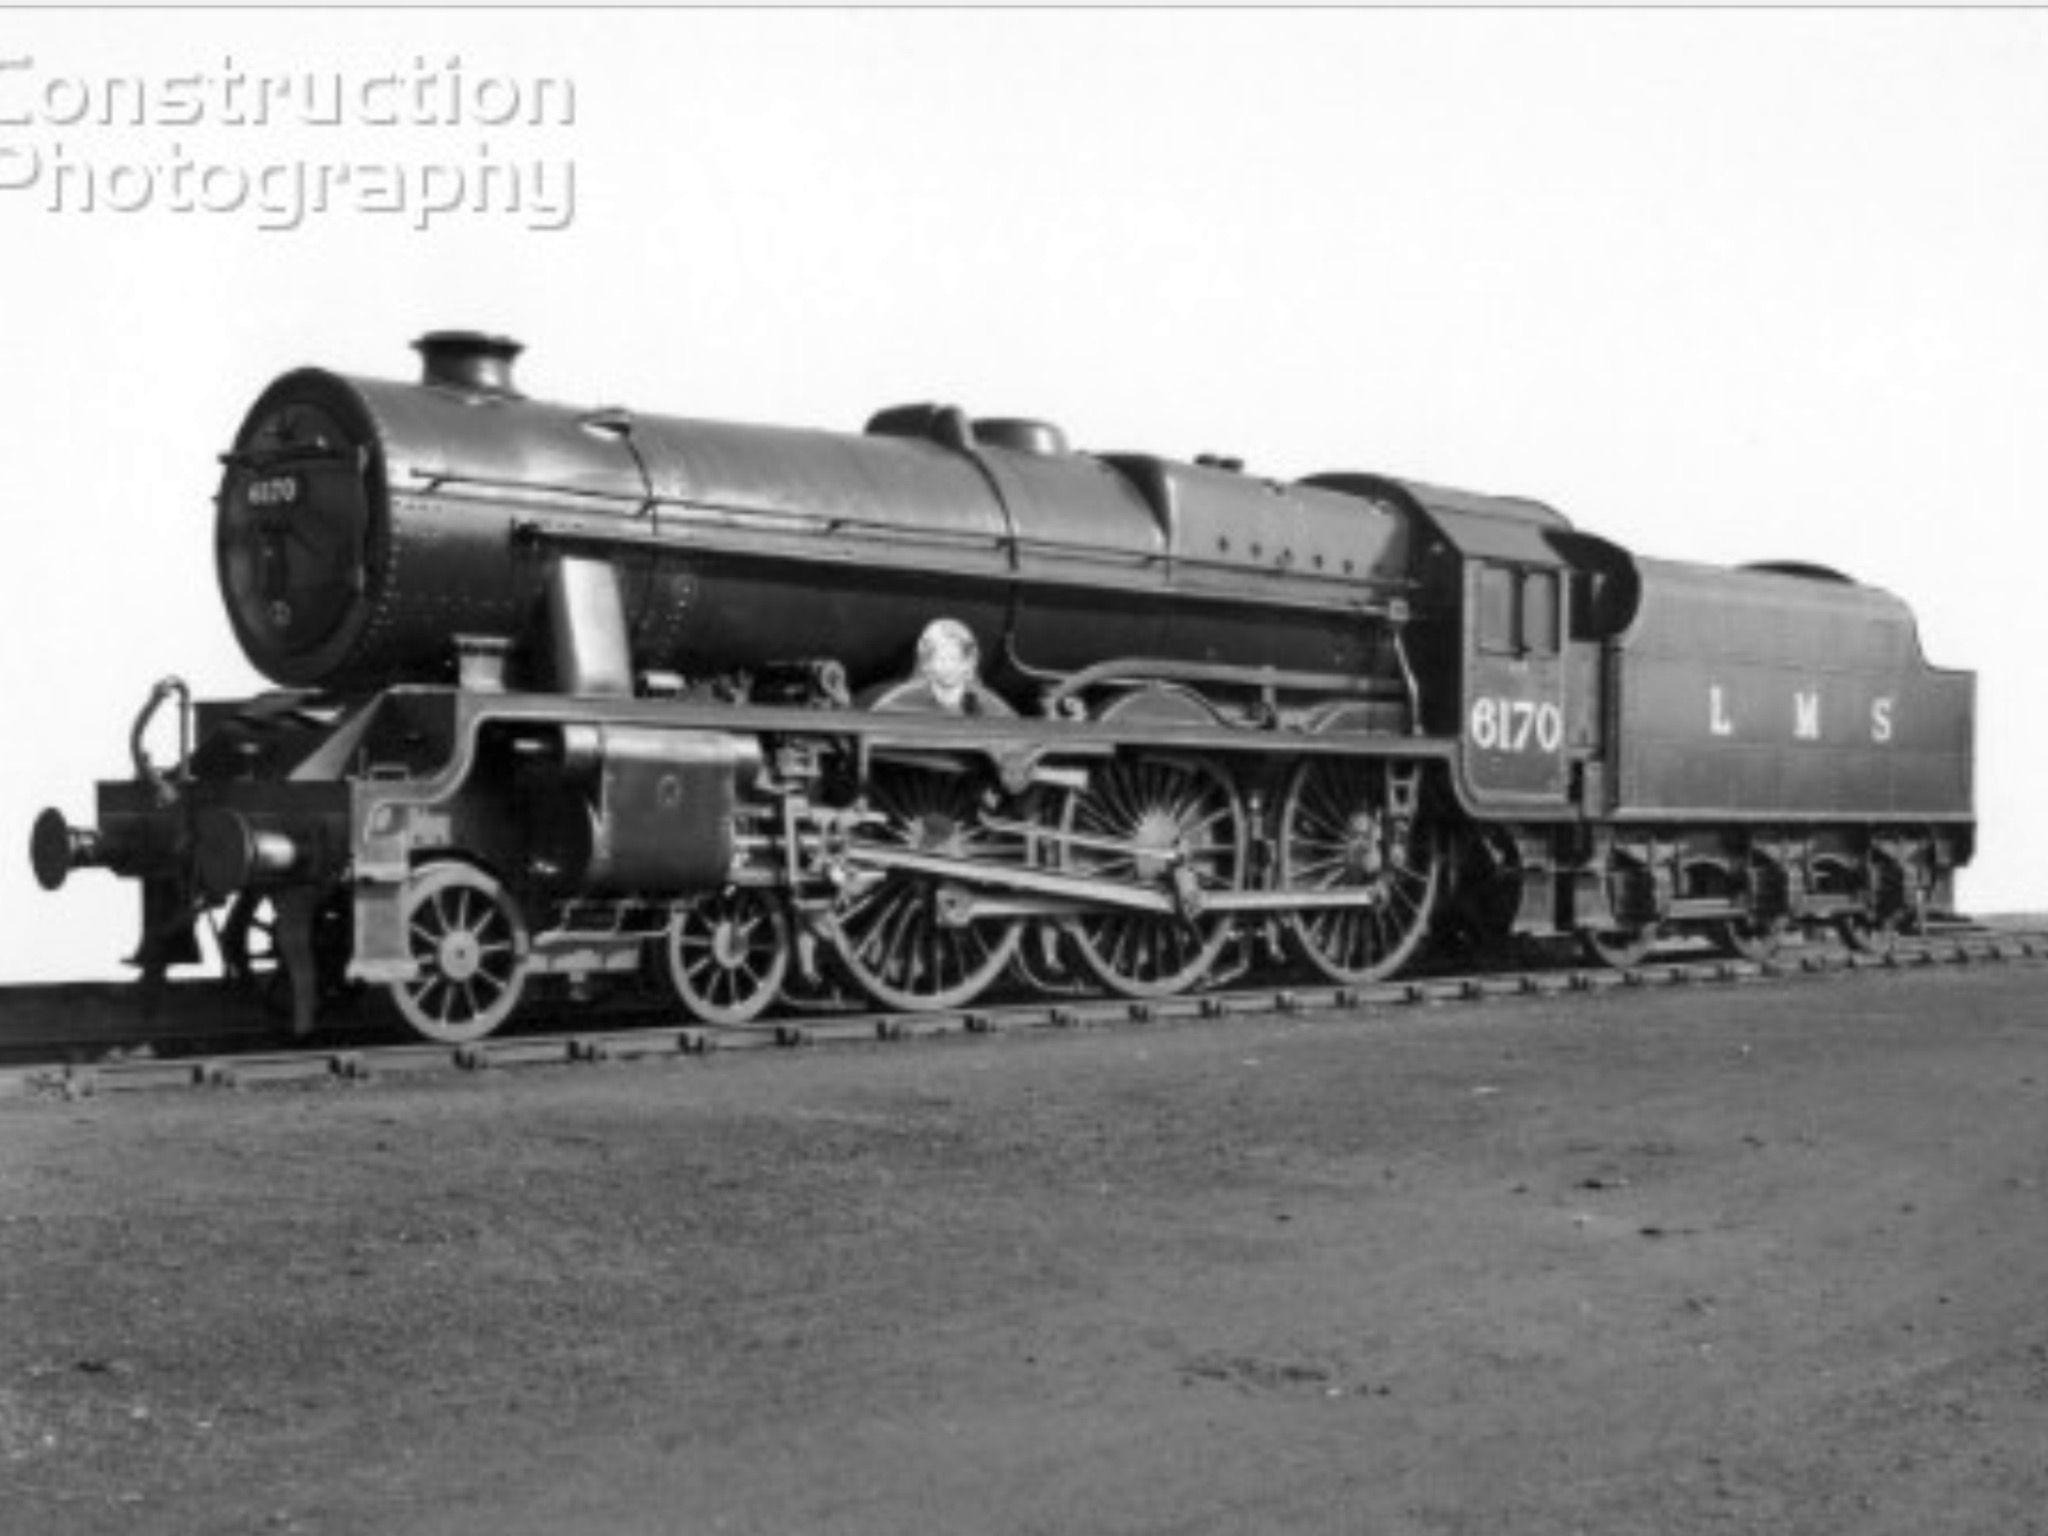 46170 (6170) British Legion.